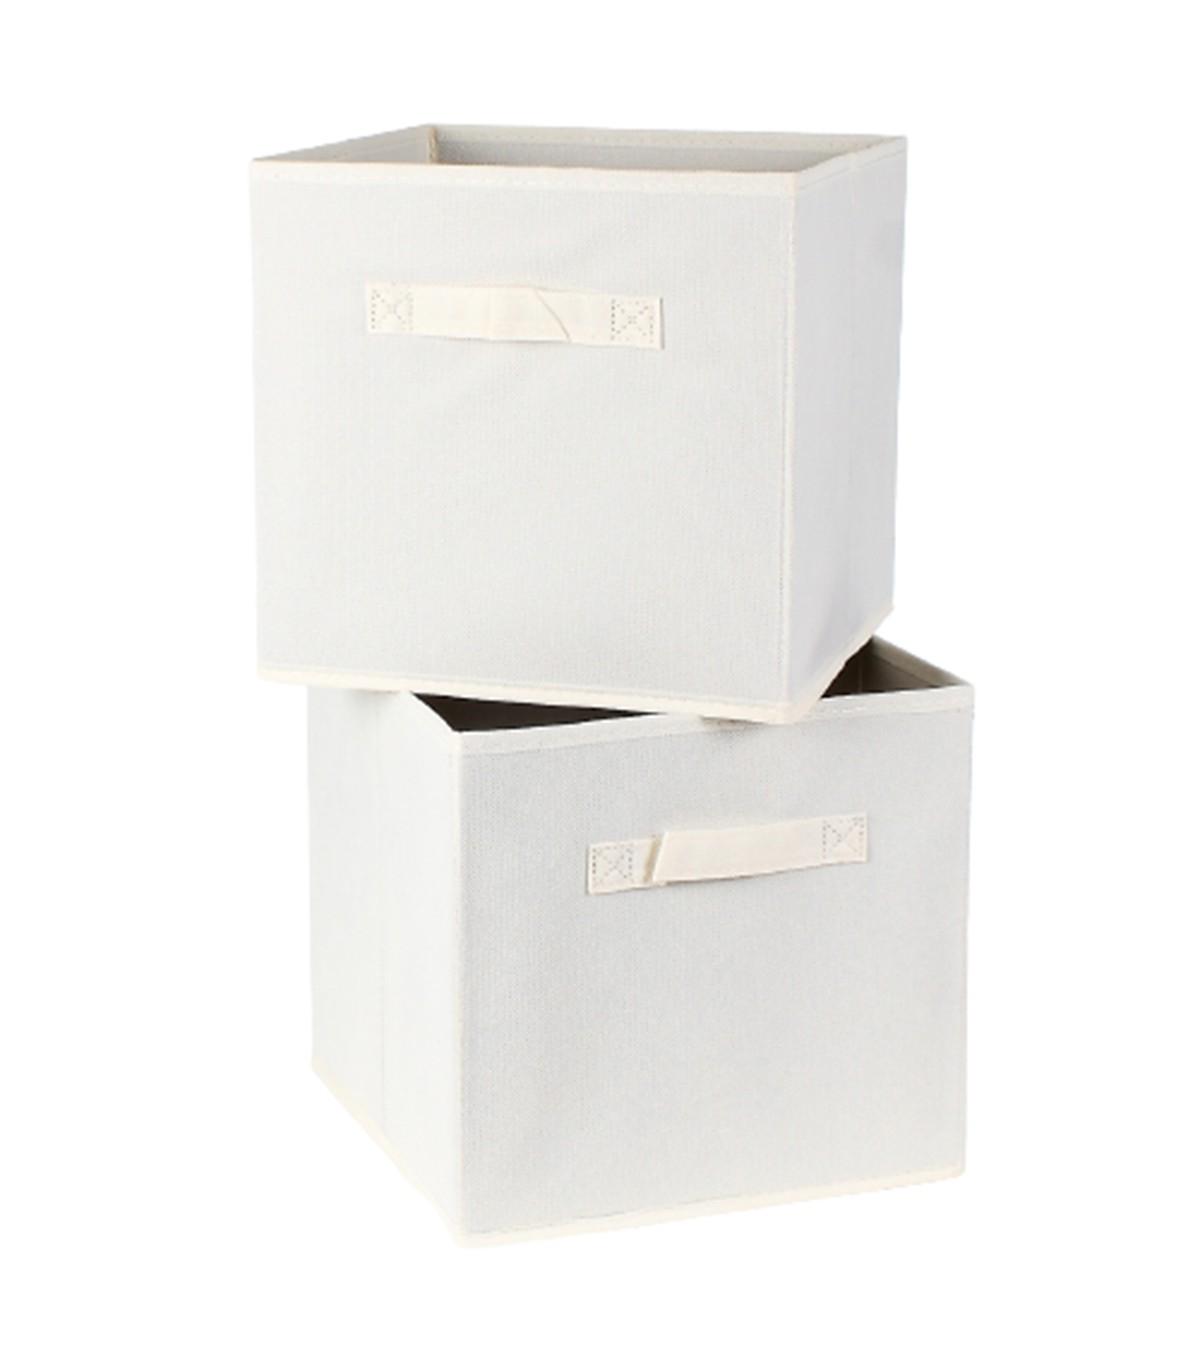 Cube de rangement intissé 28 cm - Lot de 2 - Blanc